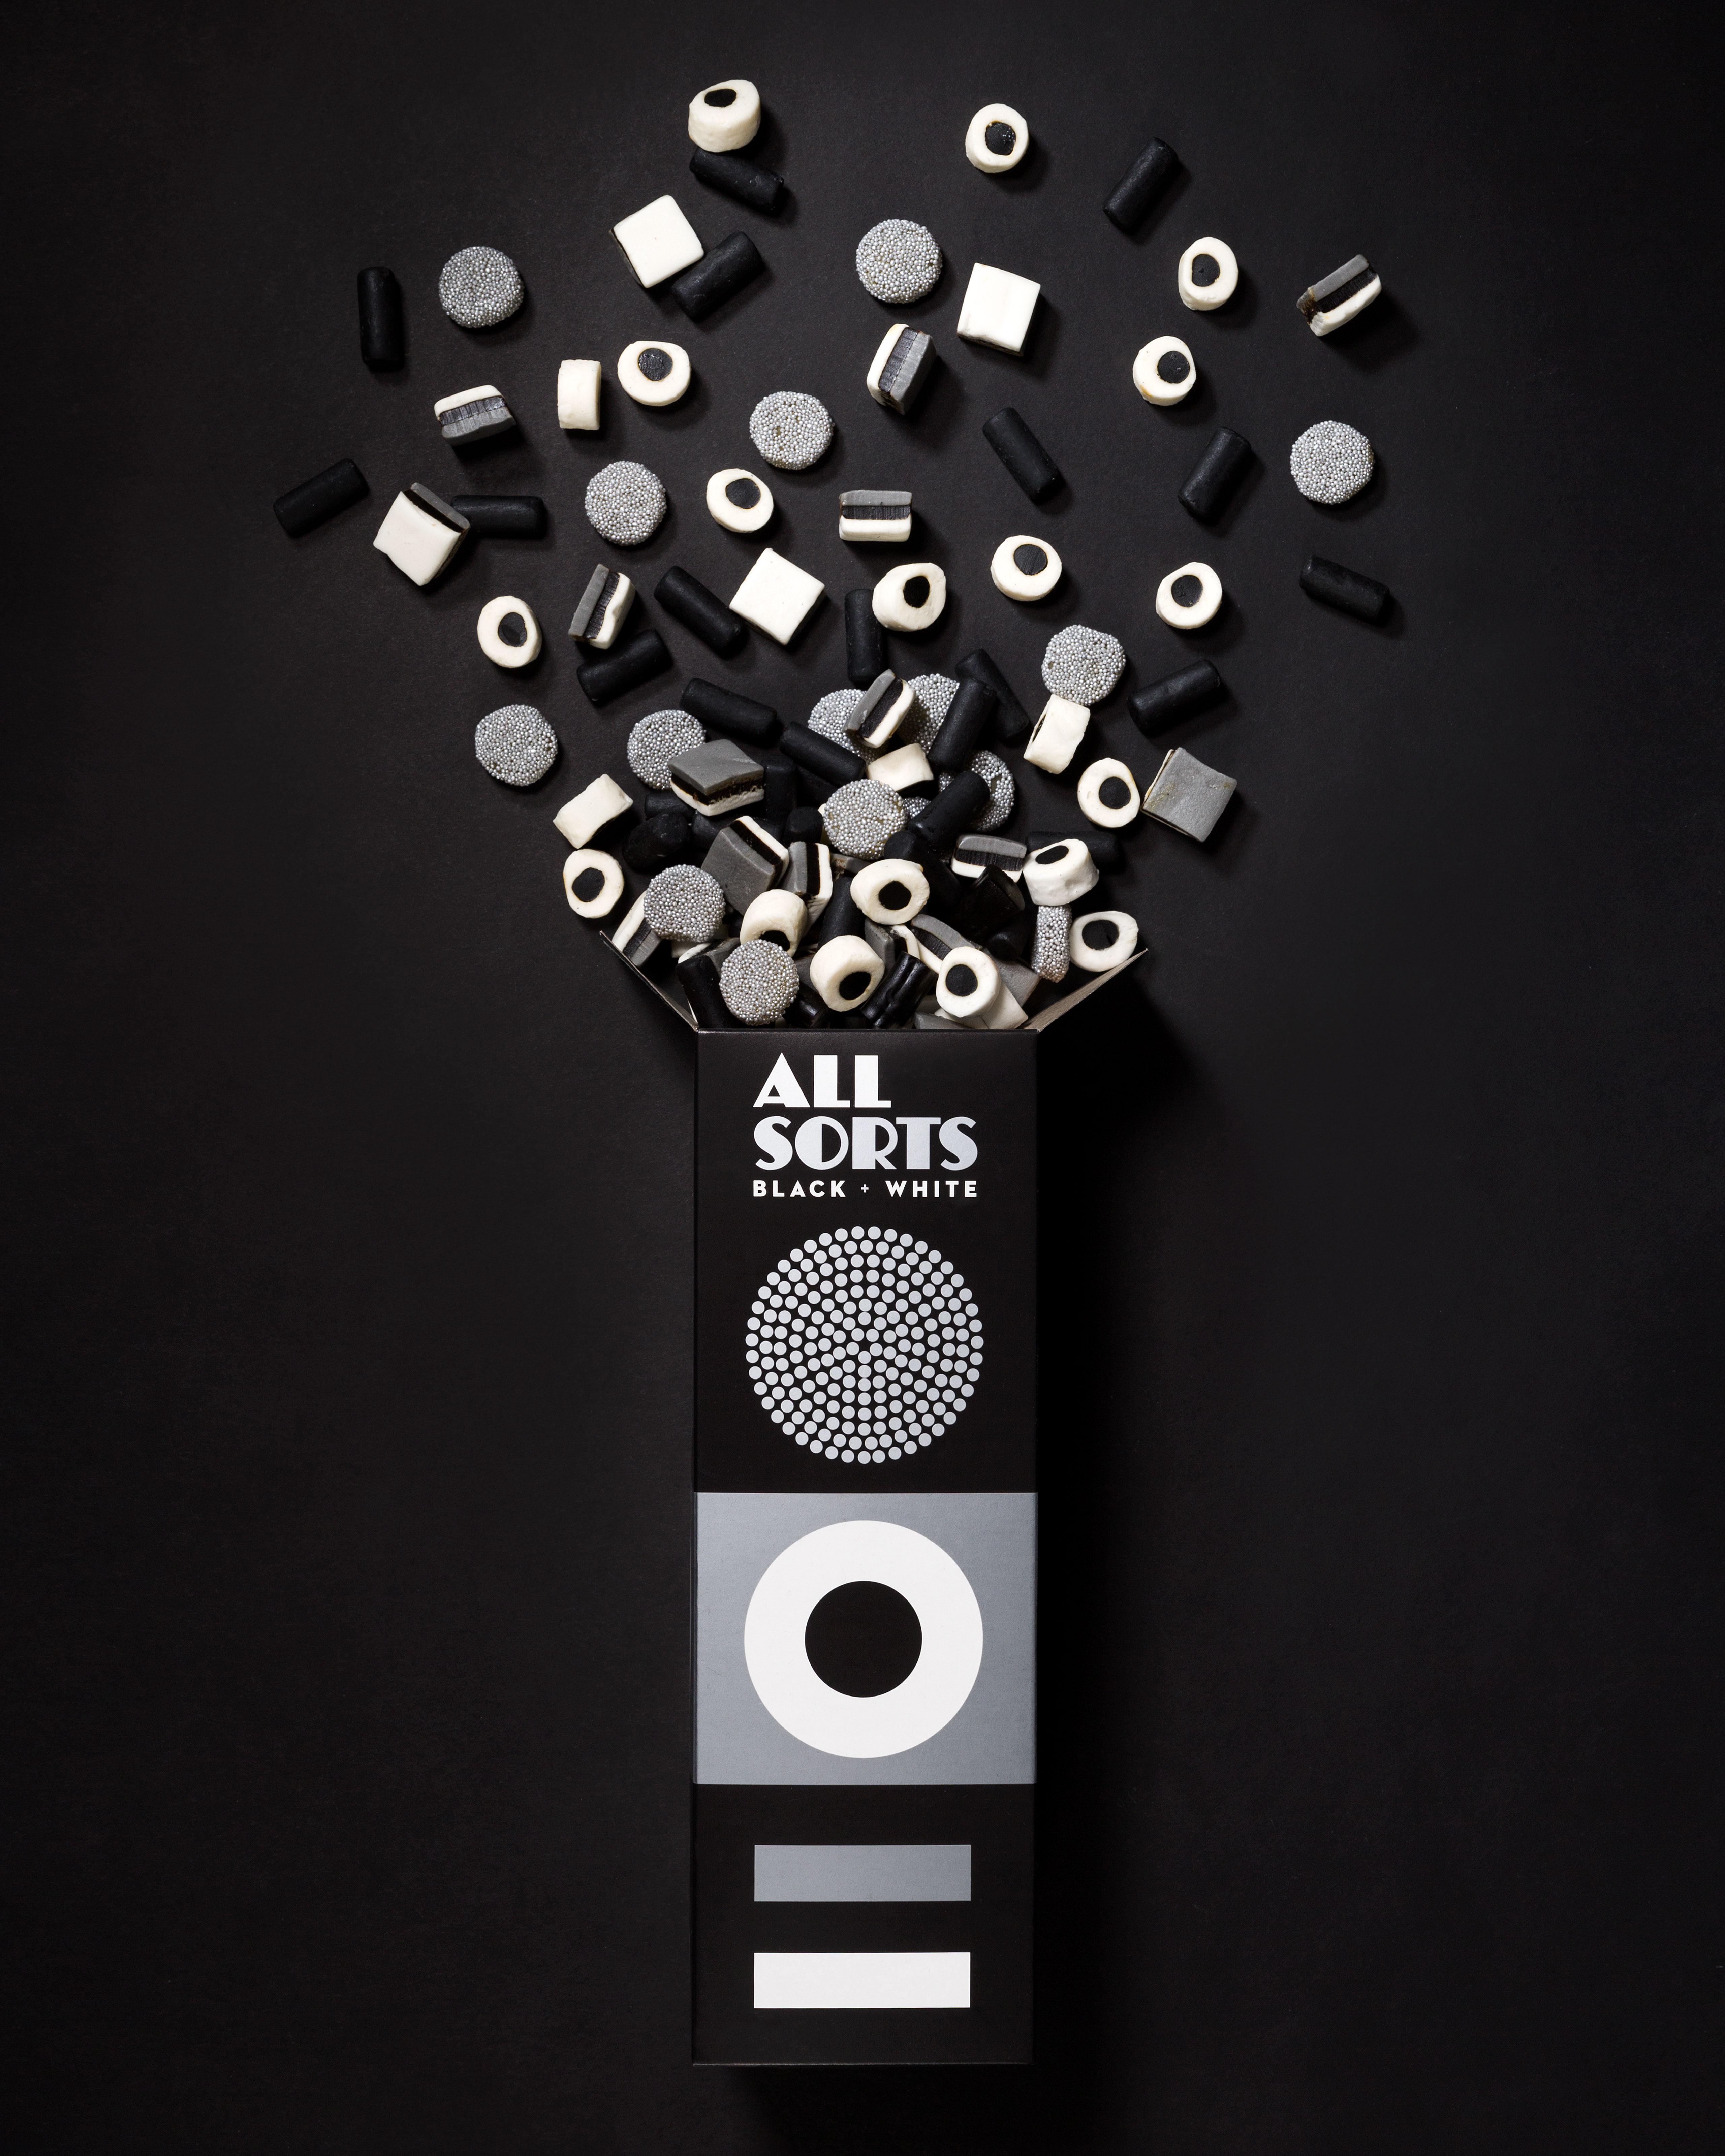 Allsorts Black & White Edition Packaging Spotlight